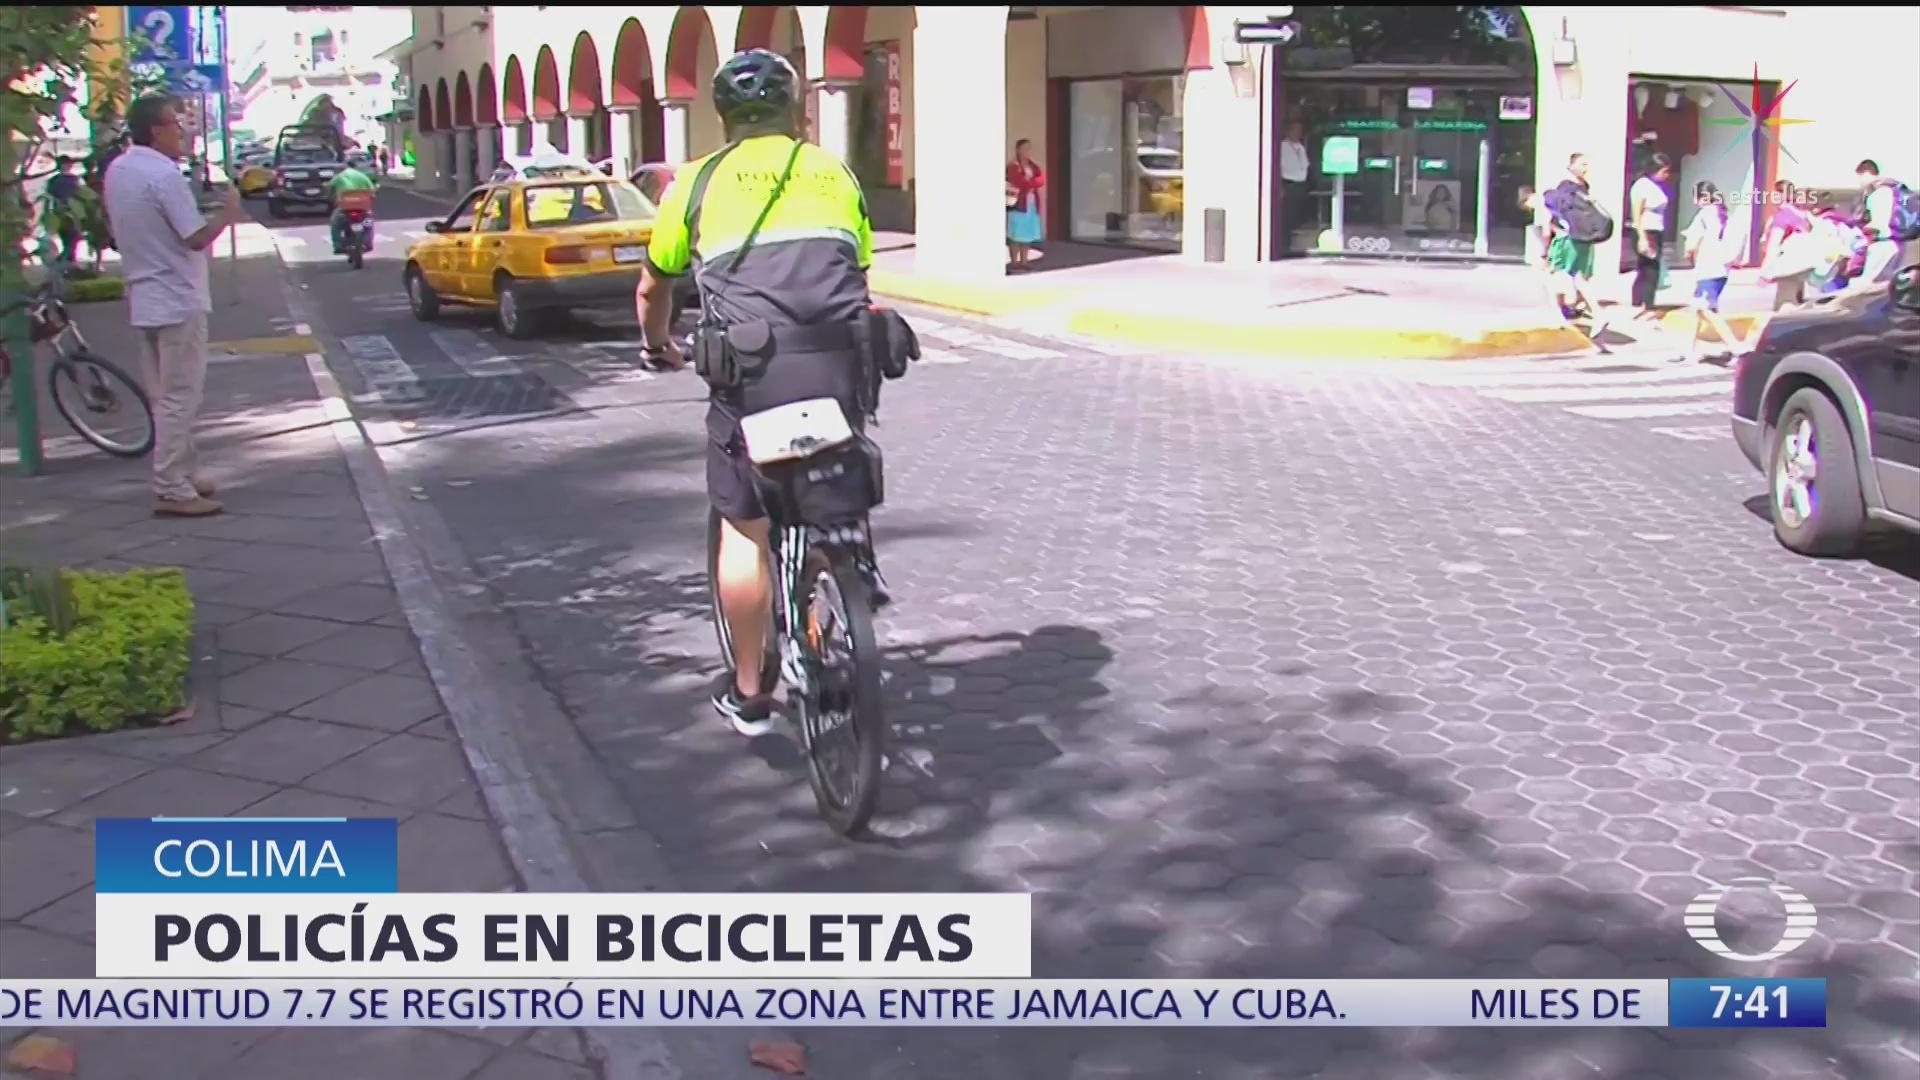 ya operan en colima policias con bicicletas electricas